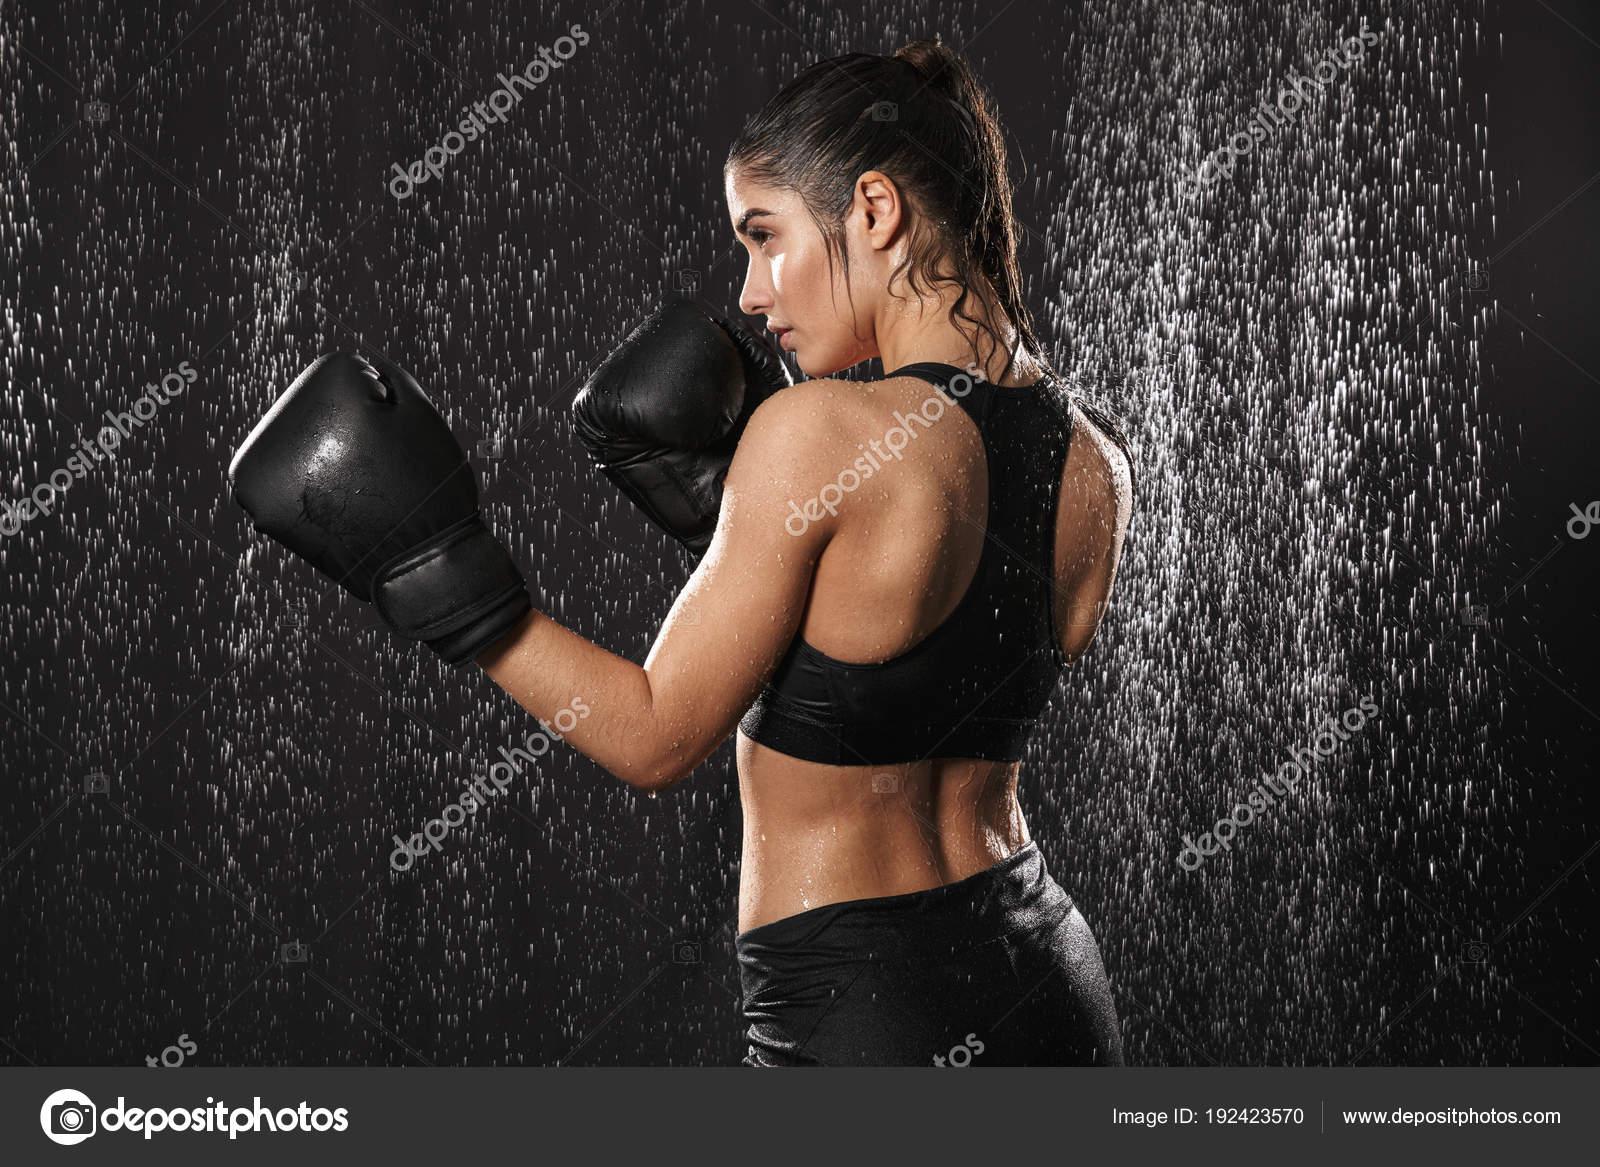 Boxe Sportivo Boxe Abbigliamento Sportivo Boxe Sportivo Sportivo Abbigliamento Abbigliamento Sportivo Abbigliamento Abbigliamento Boxe SUVqjGMpLz